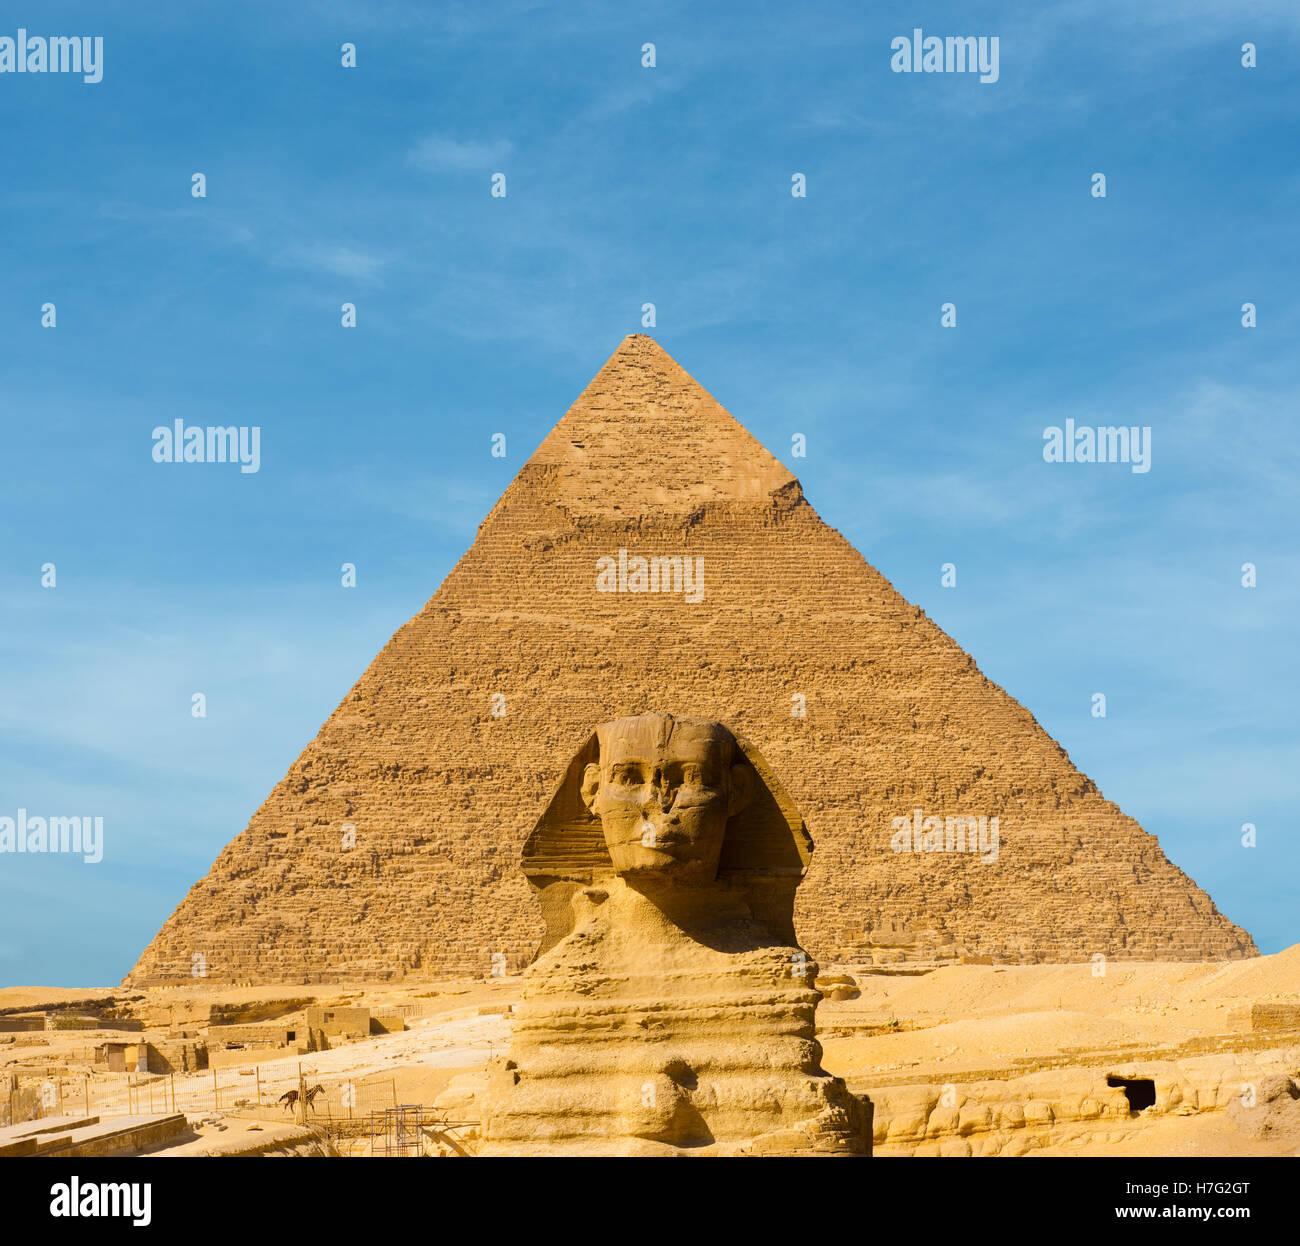 La Grande Sfinge faccia avanti centrato davanti al più grande piramide egizia di Khafre in Giza, Cairo, Egitto Immagini Stock